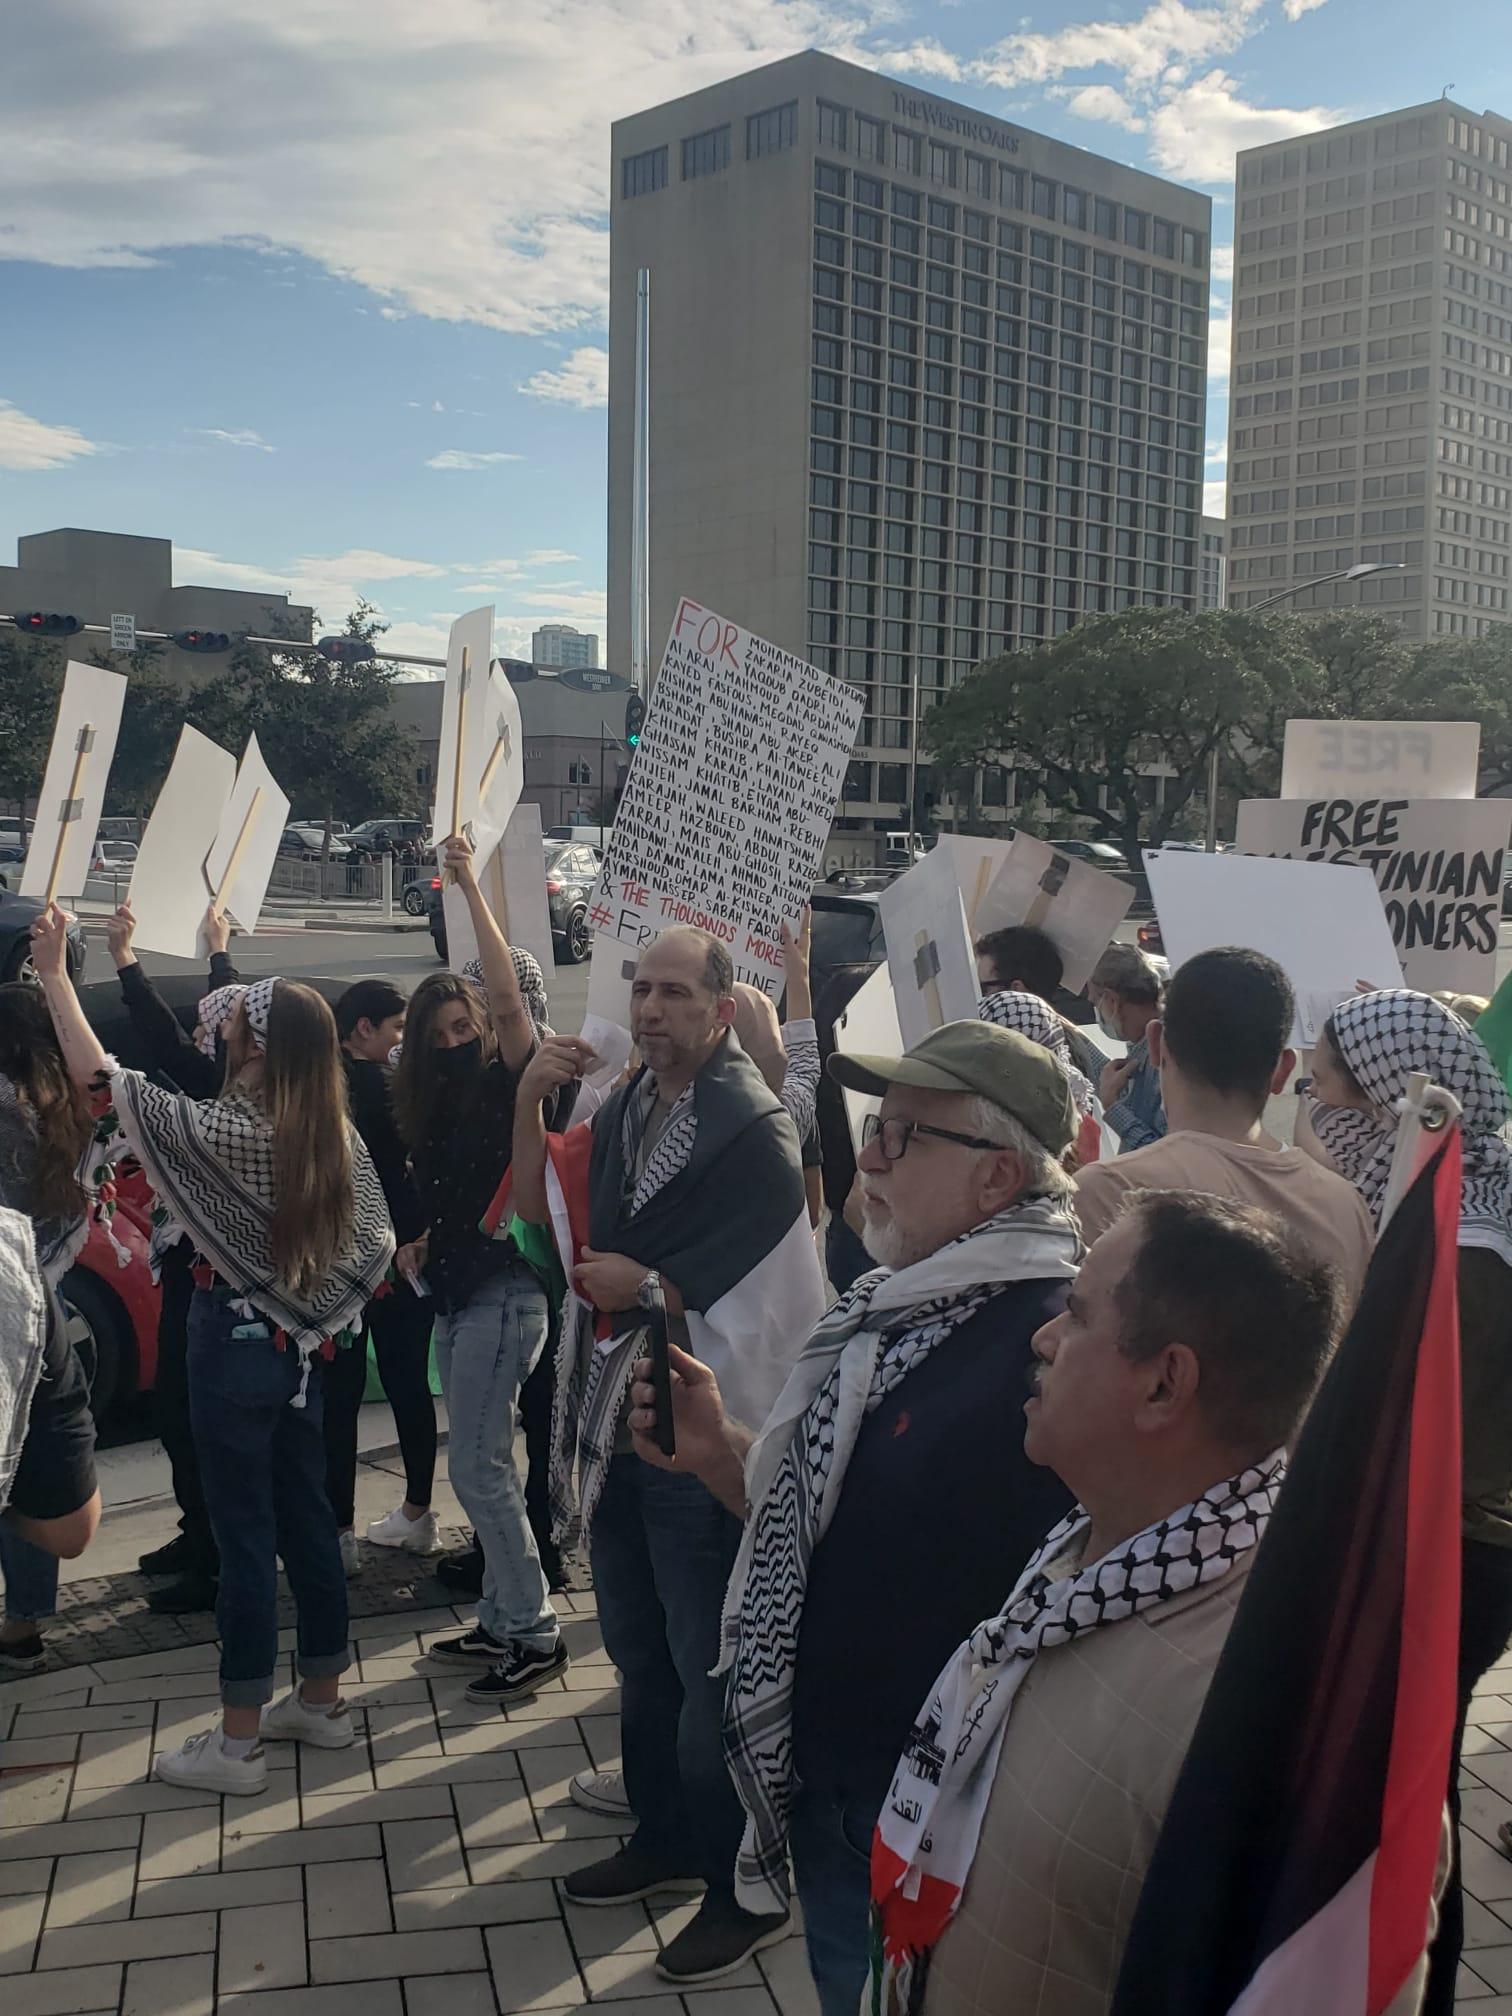 تظاهرة حاشدة في هيوستن الأميركية دعما للأسرى